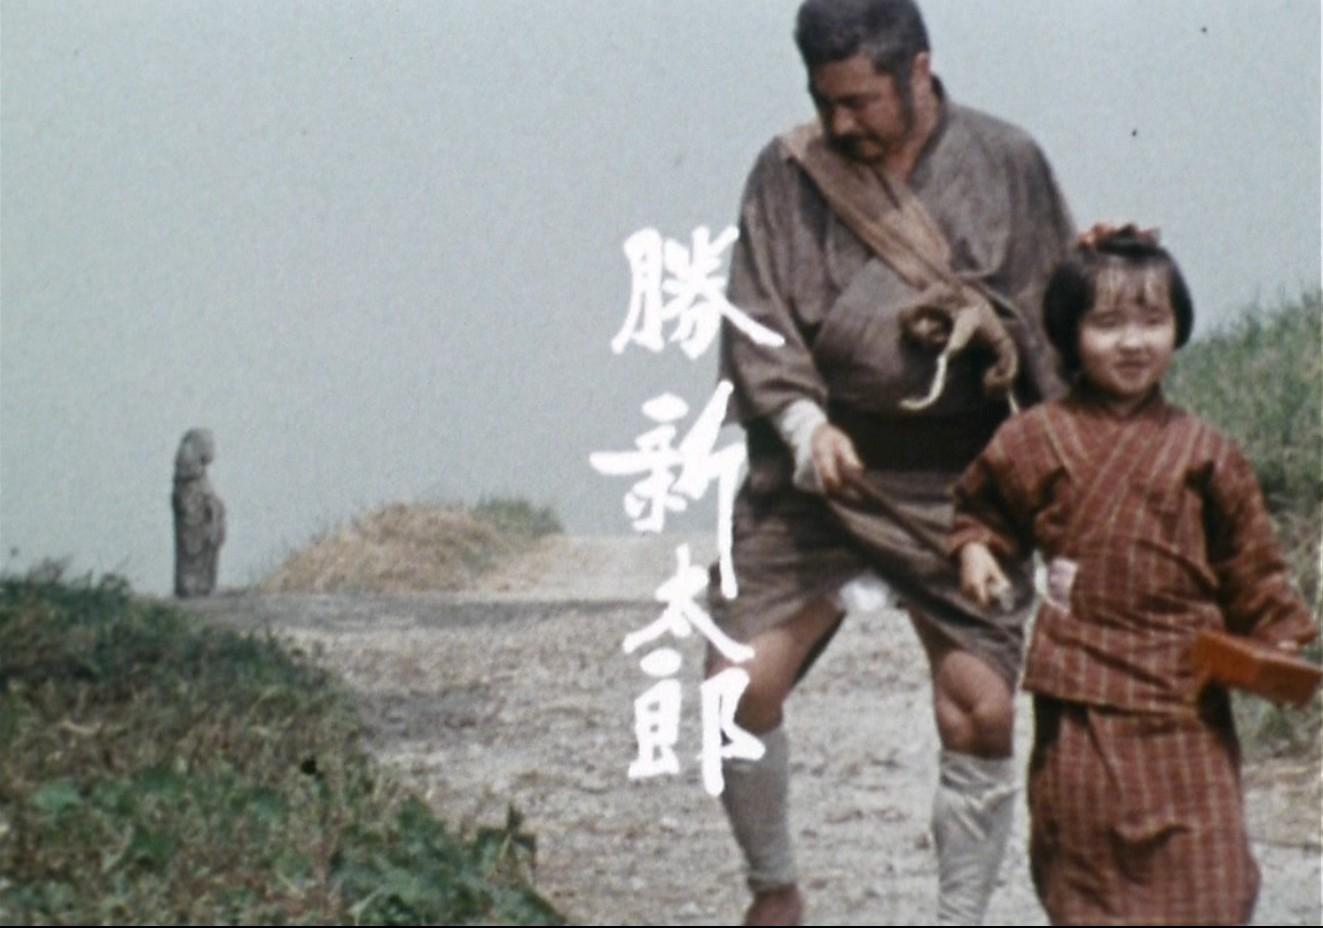 藤岡重慶の画像 p1_25